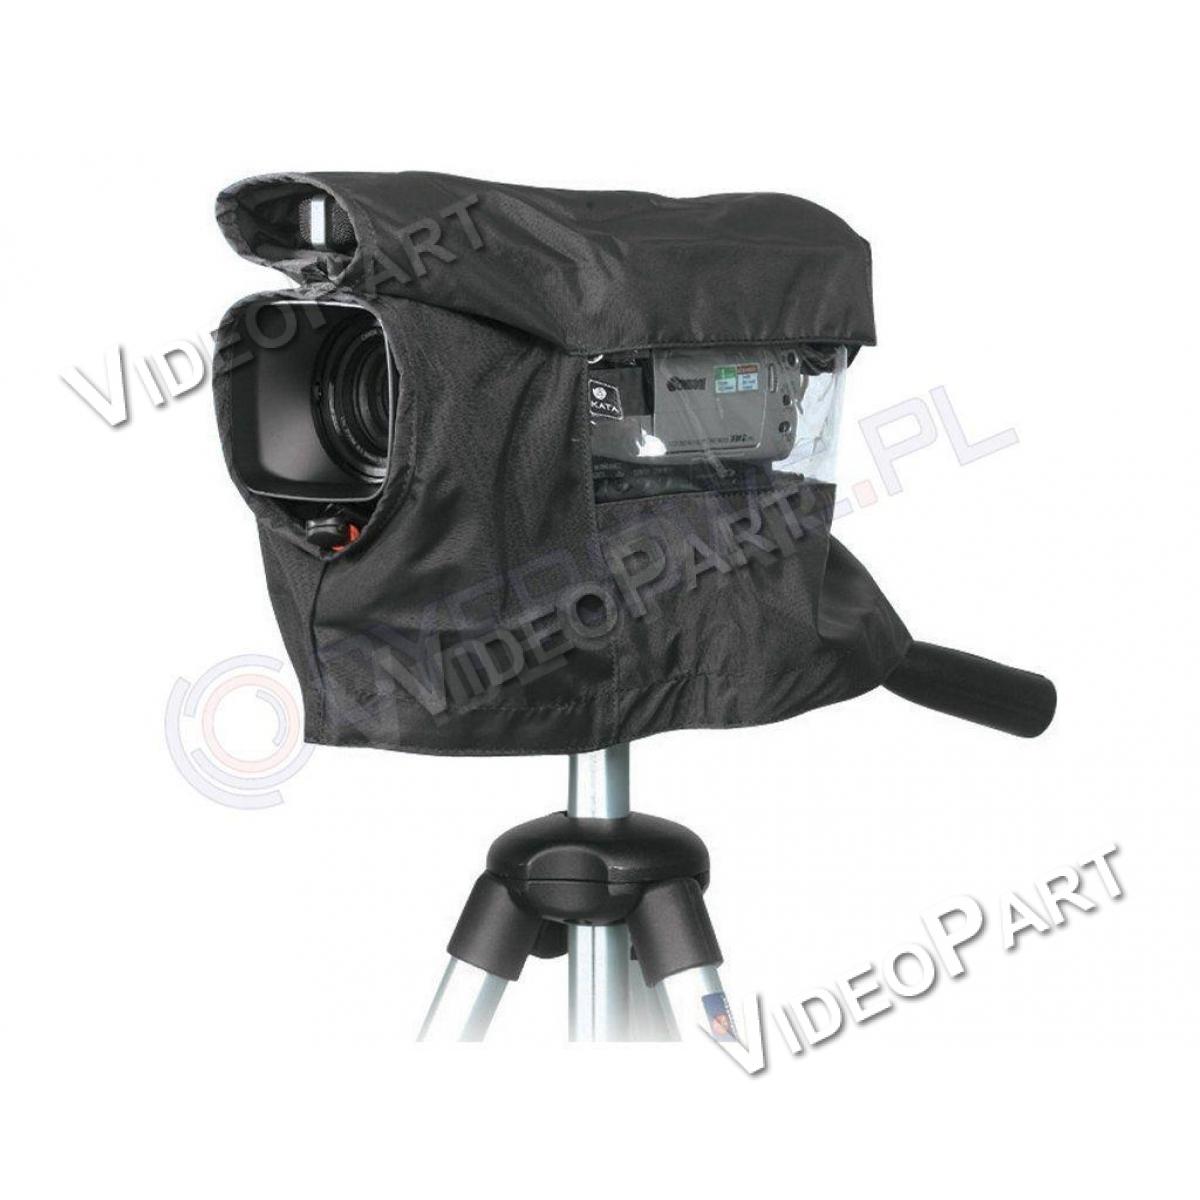 5e270d1d8dcd MANFROTTO MB PL-CRC-13 kamera esővédő huzat – azonnal raktárról ...